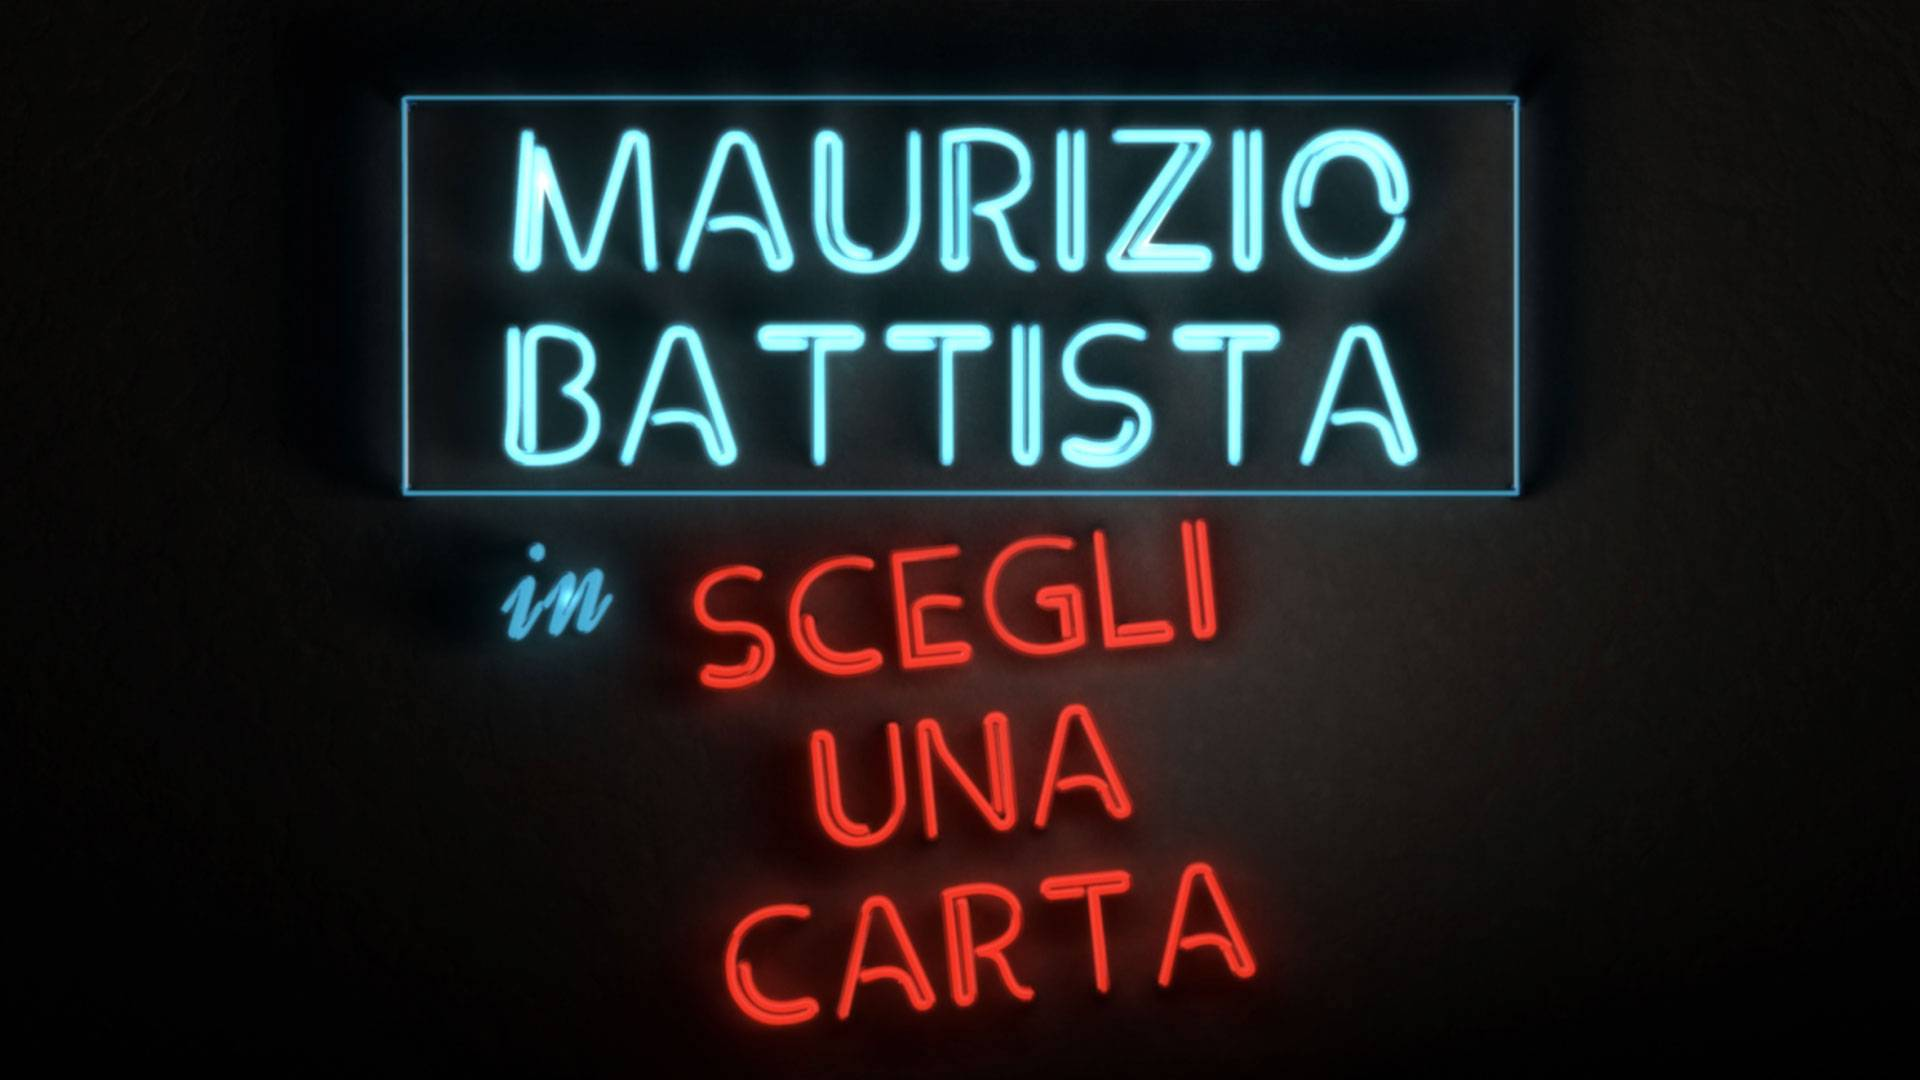 Maurizio Battista – Scegli una carta